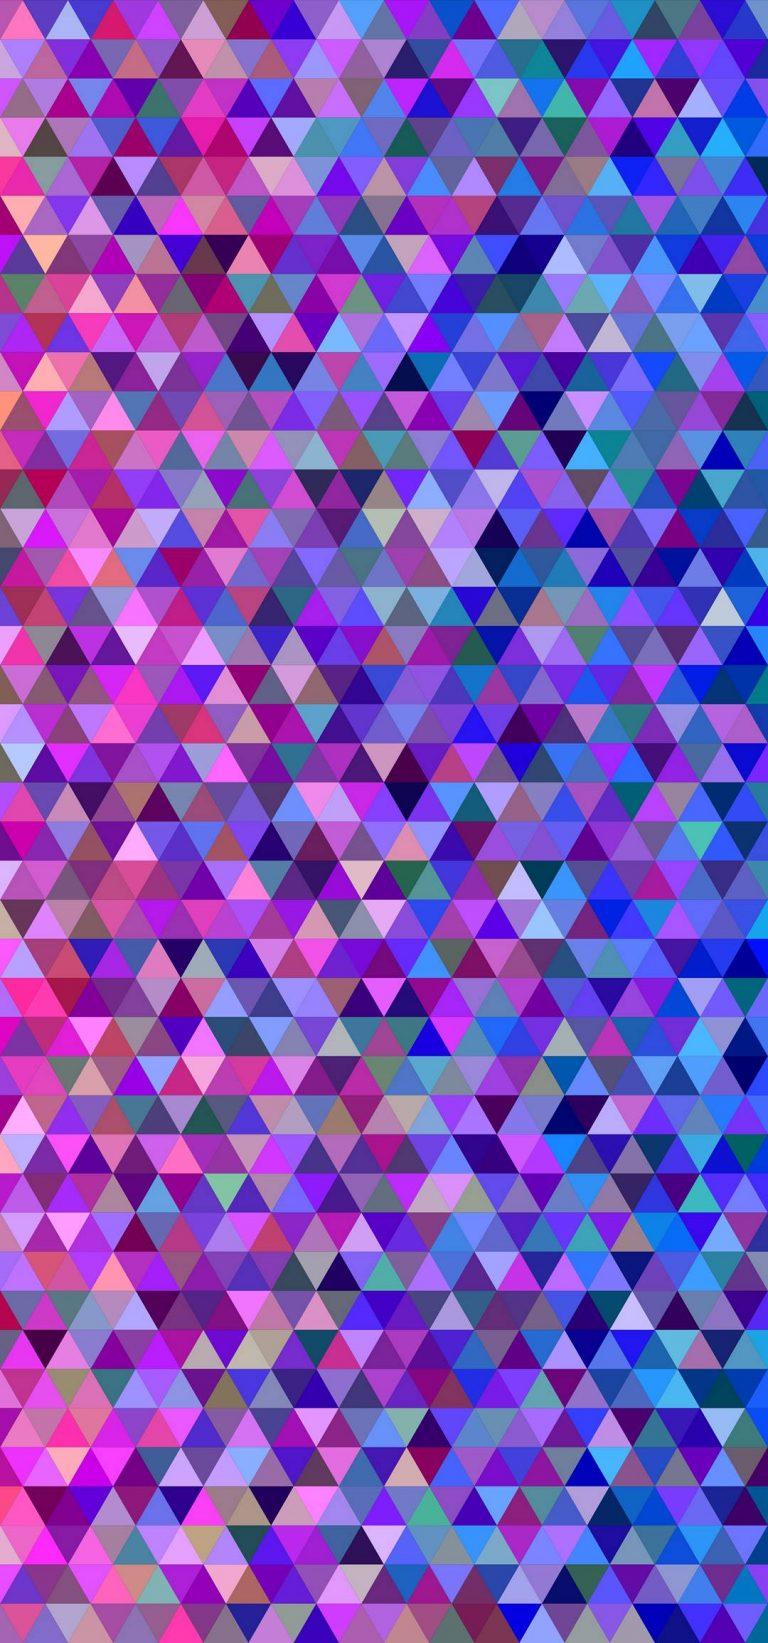 1080x2310 Wallpaper 269 768x1643